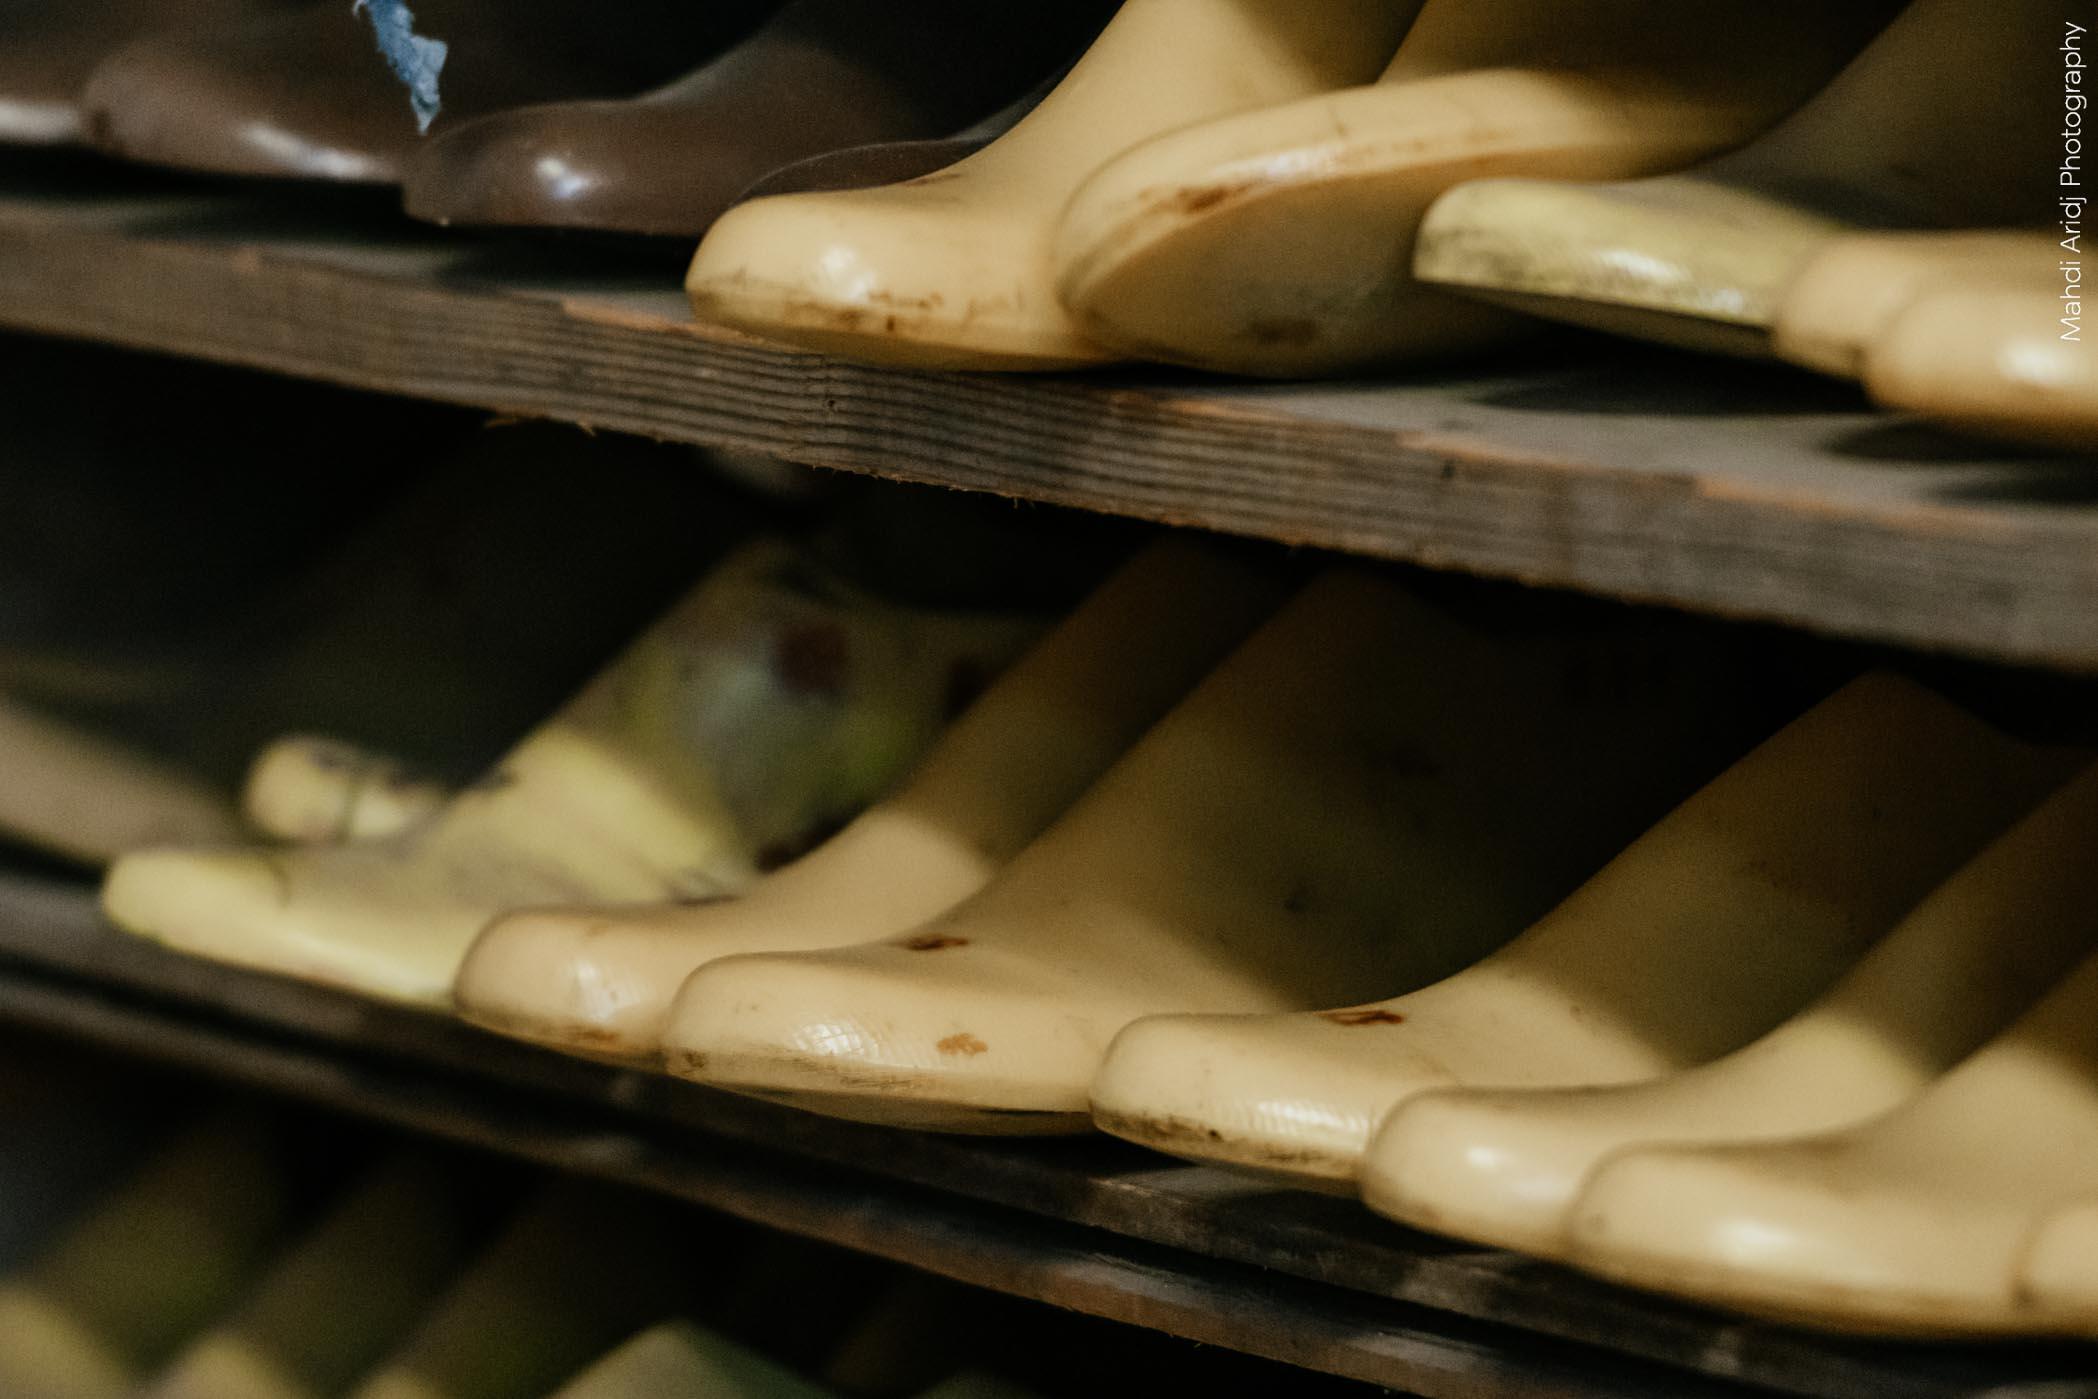 Un cordonnier dans les Cévennes - A shoemaker in the Cévennes